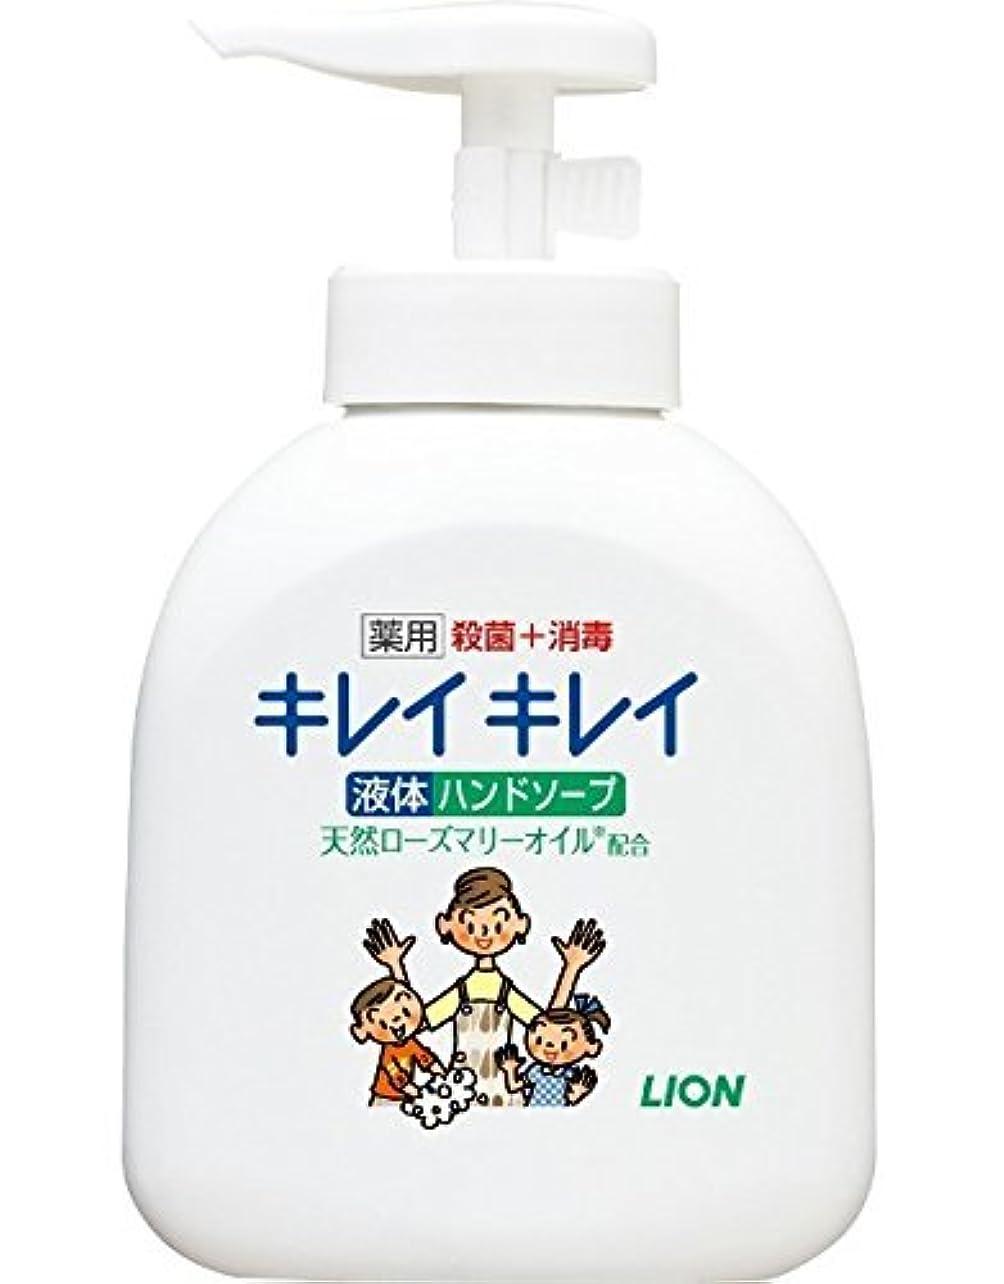 ケージ活気づく概念【ライオン】キレイキレイ薬用液体ハンドソープ 本体ポンプ 250ml ×10個セット